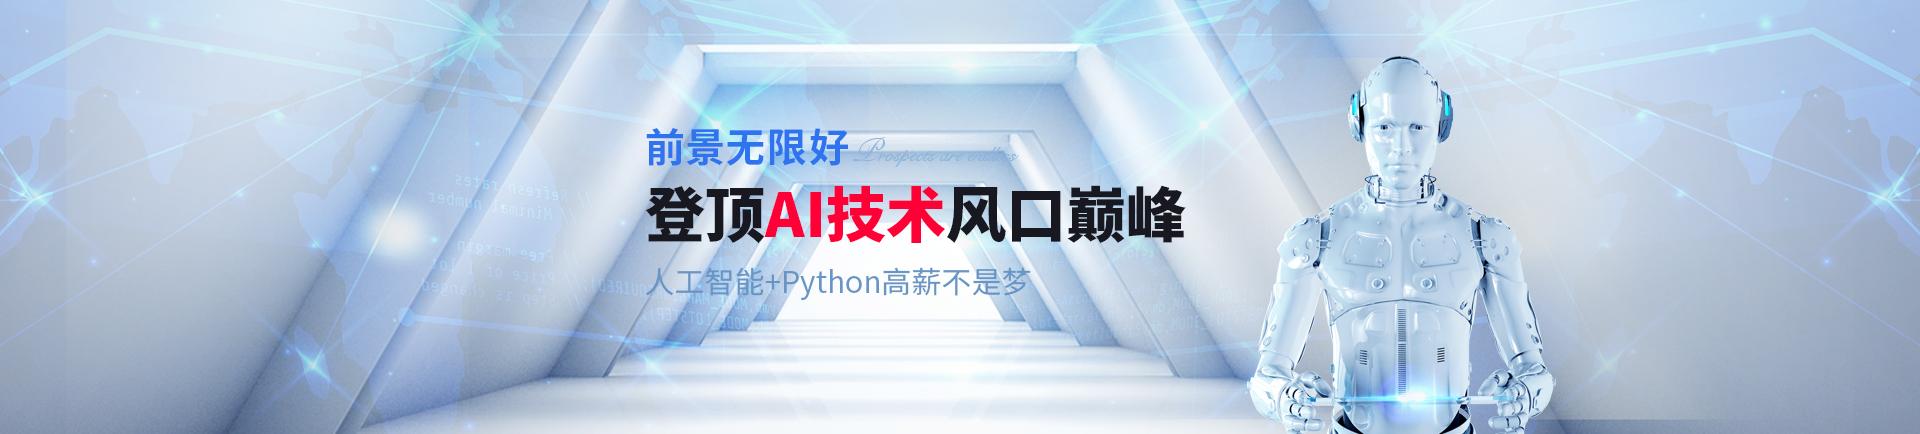 登顶AI技术风�巅峰 人工智能+Python挑战高薪-tianjin